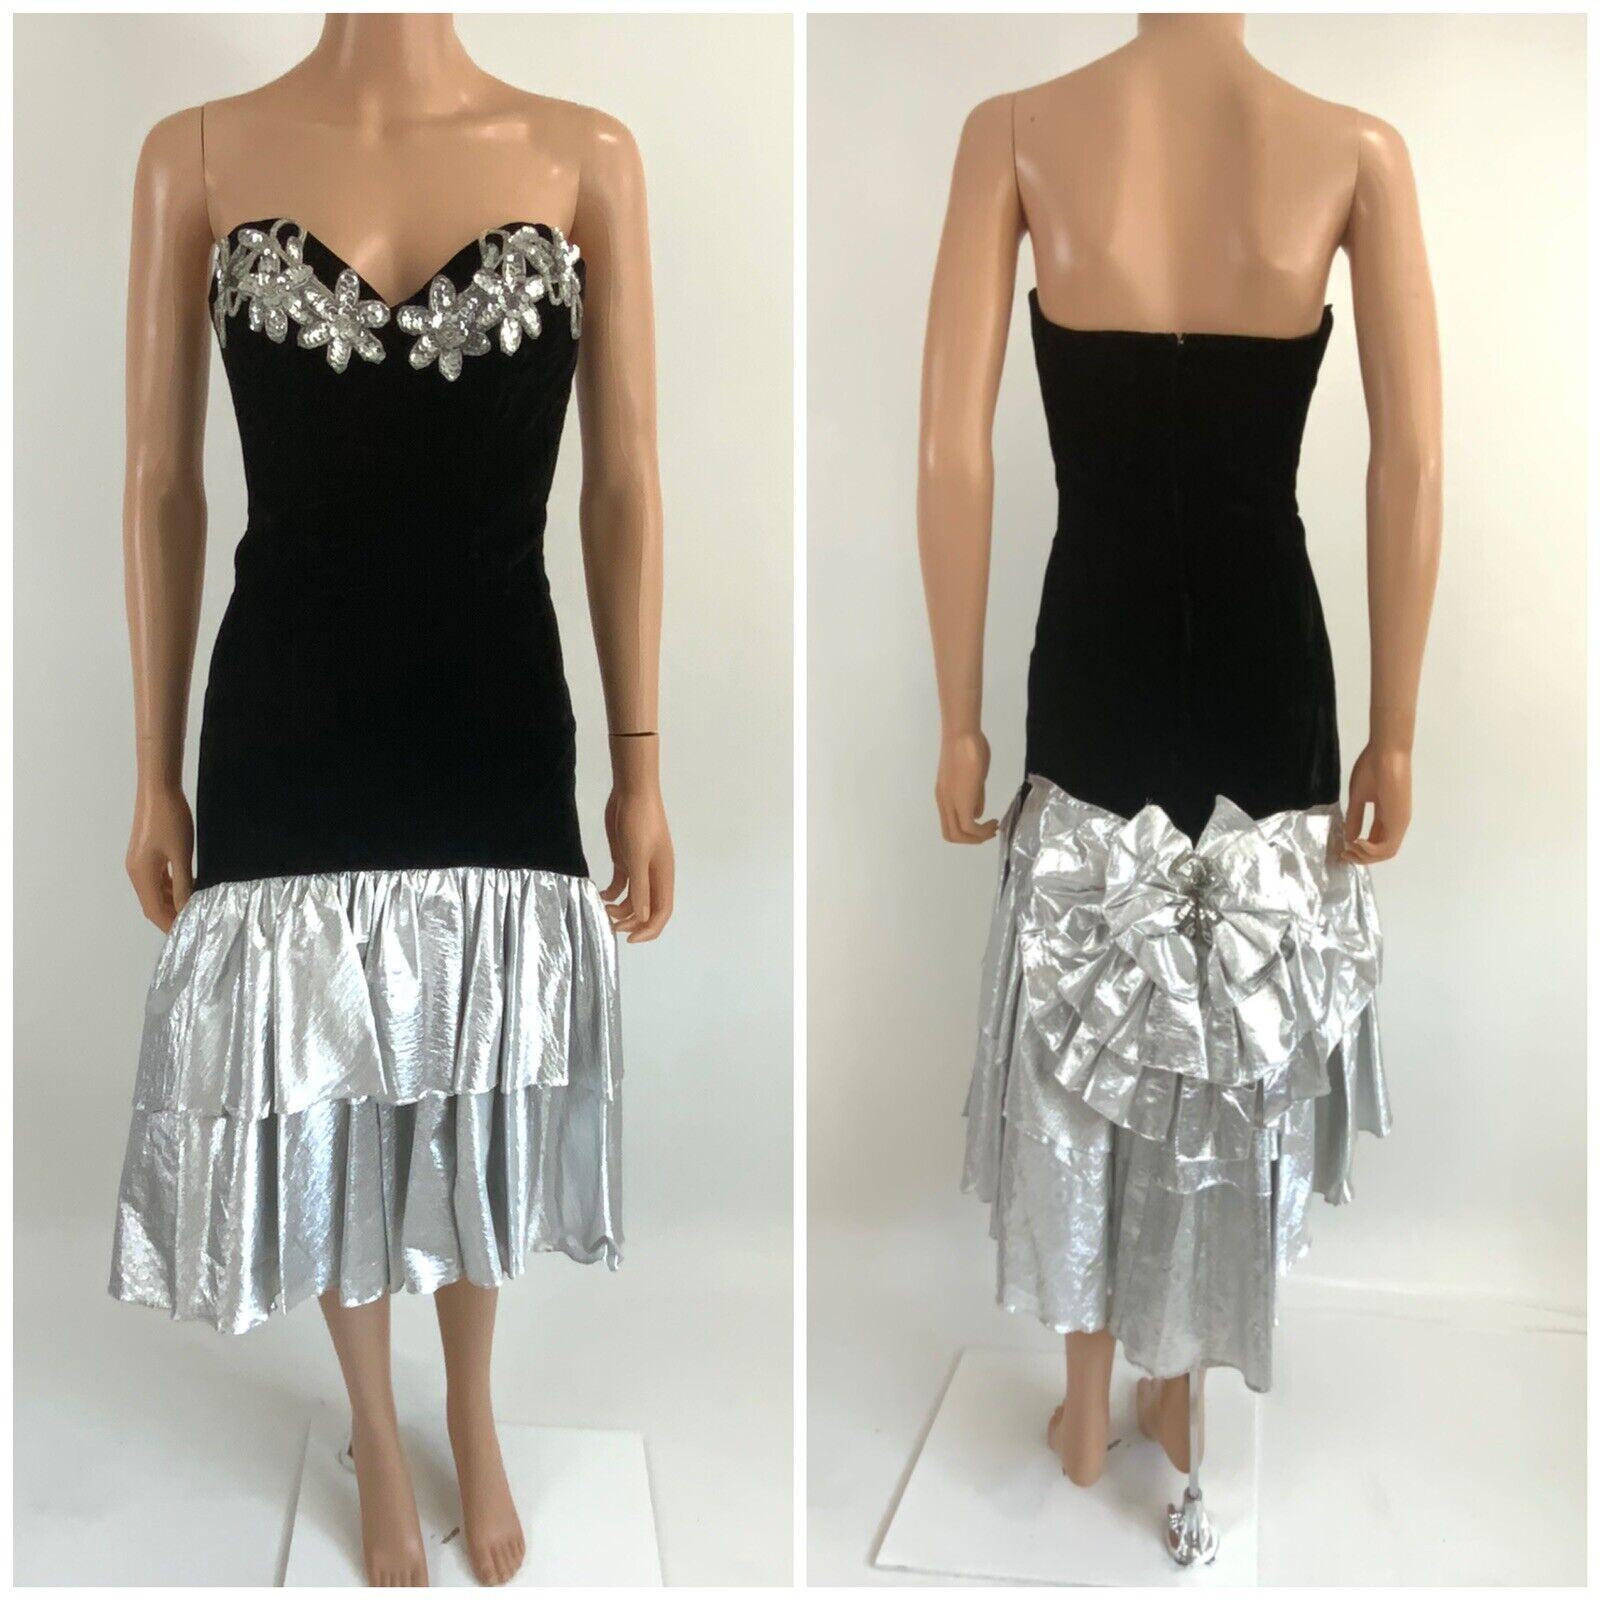 Fun 1980/'s Metallic Puff Ball Skirt in Silver and Black